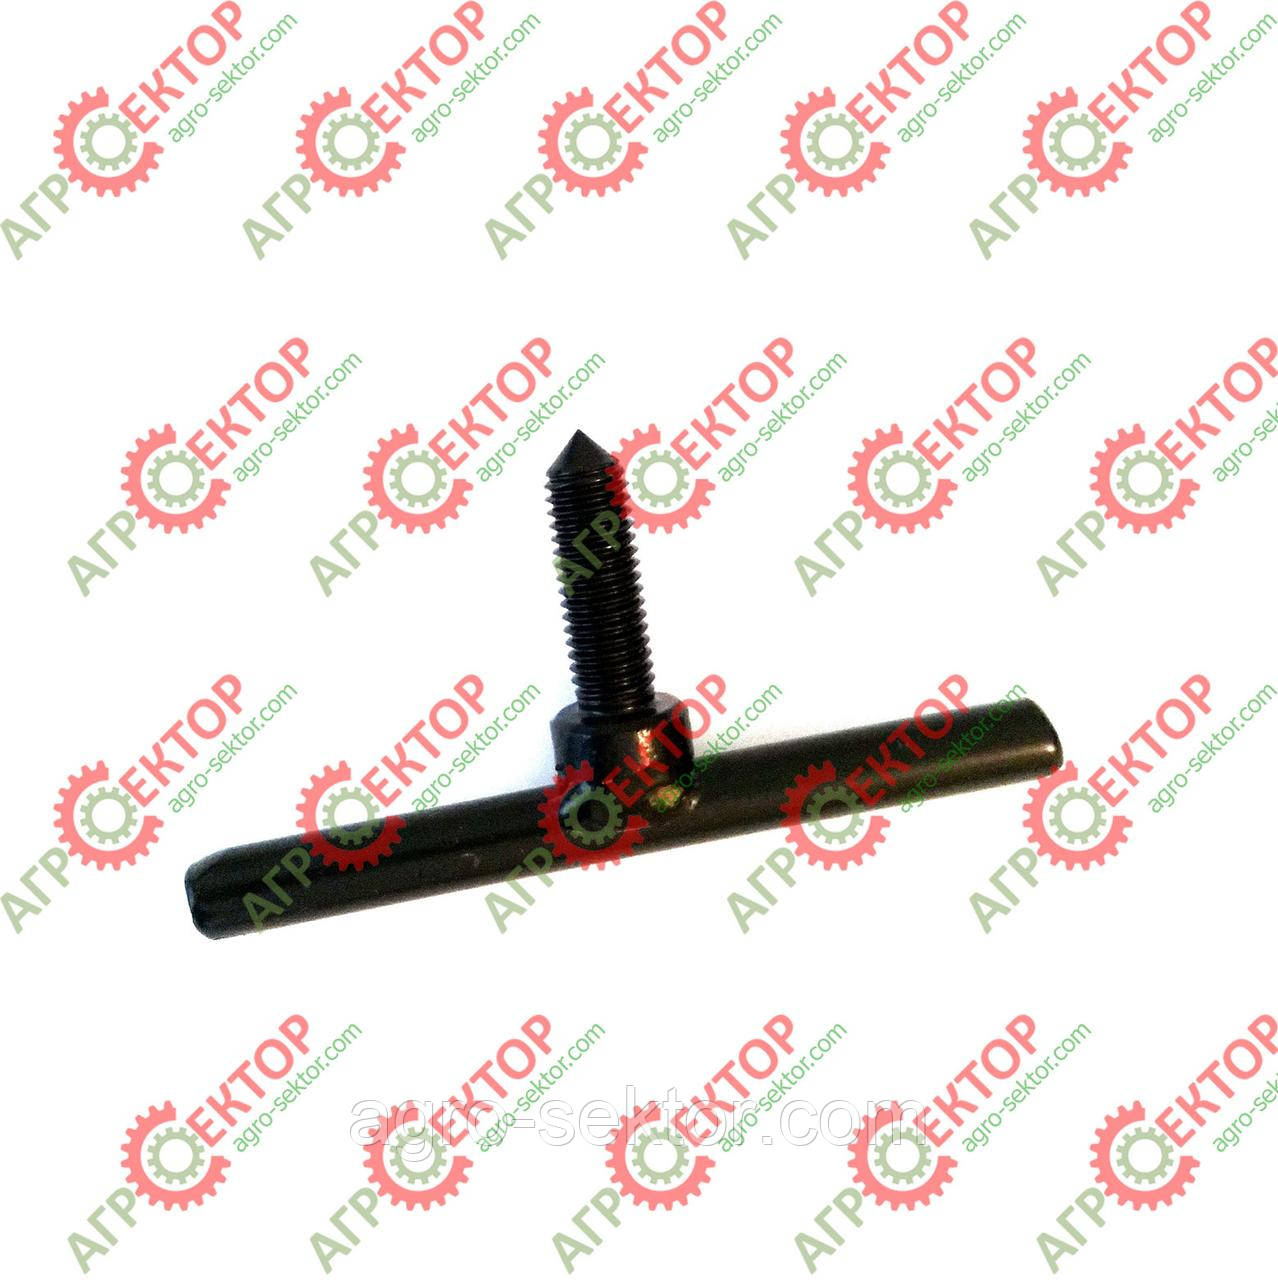 Т-образный болт механизма регулировки длины тюка на пресс-подборщик Sipma Z-224 2023-080-590.00